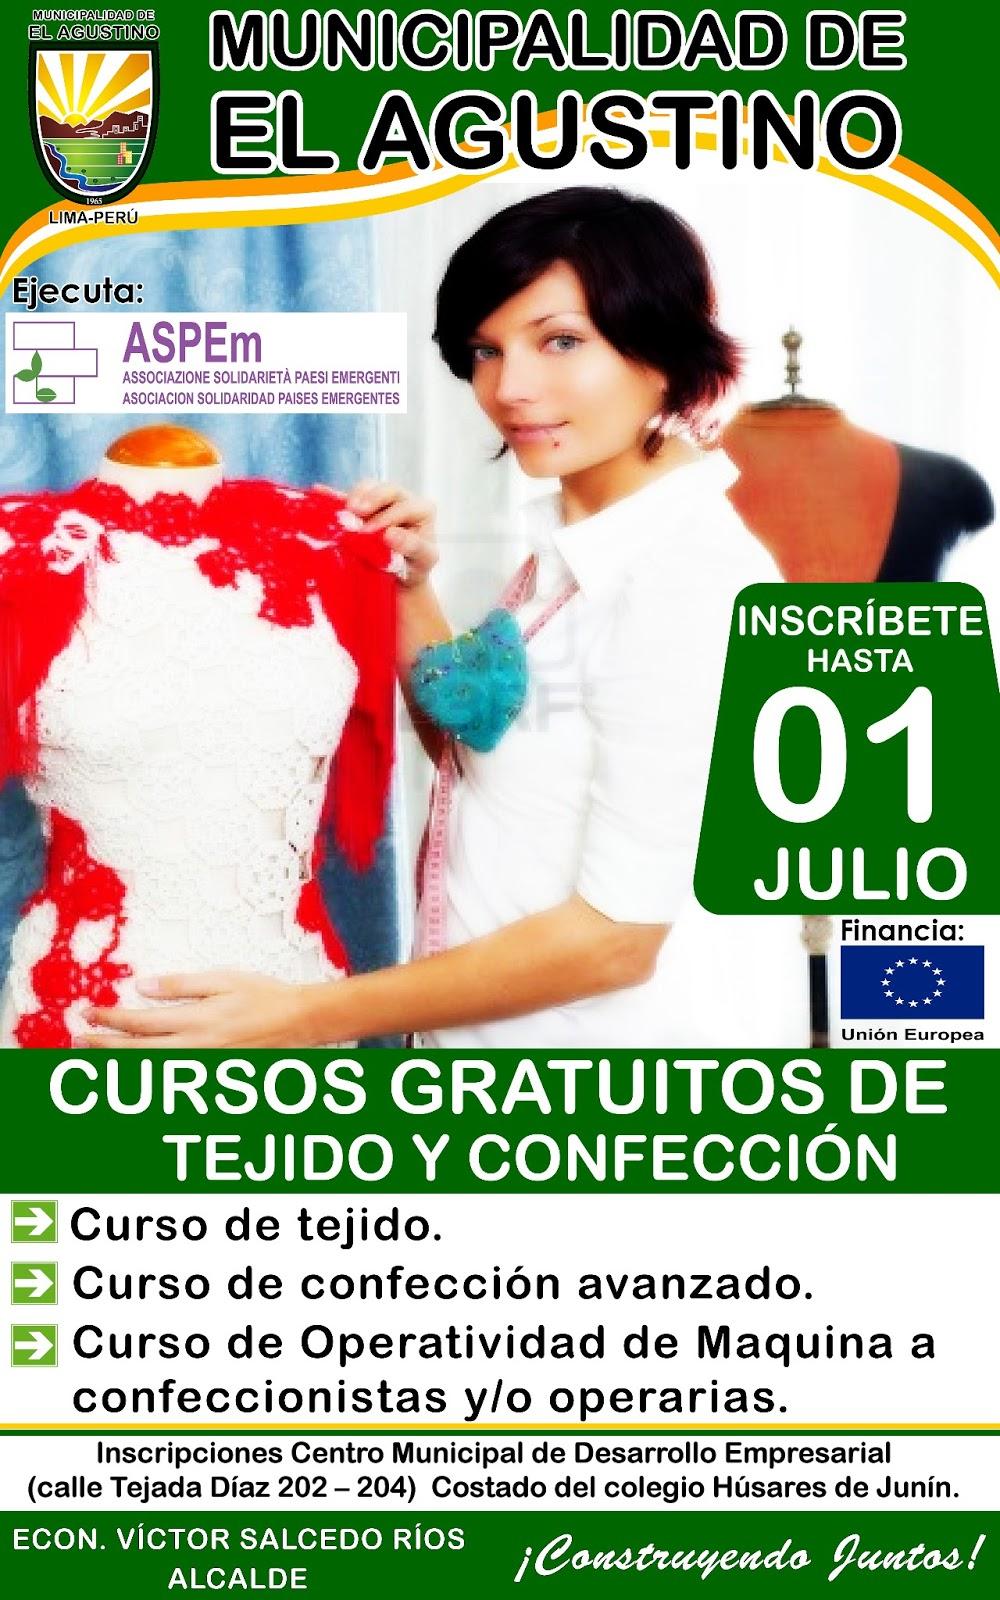 Municipalidad de el agustino lima per cursos for Municipalidad de avellaneda cursos